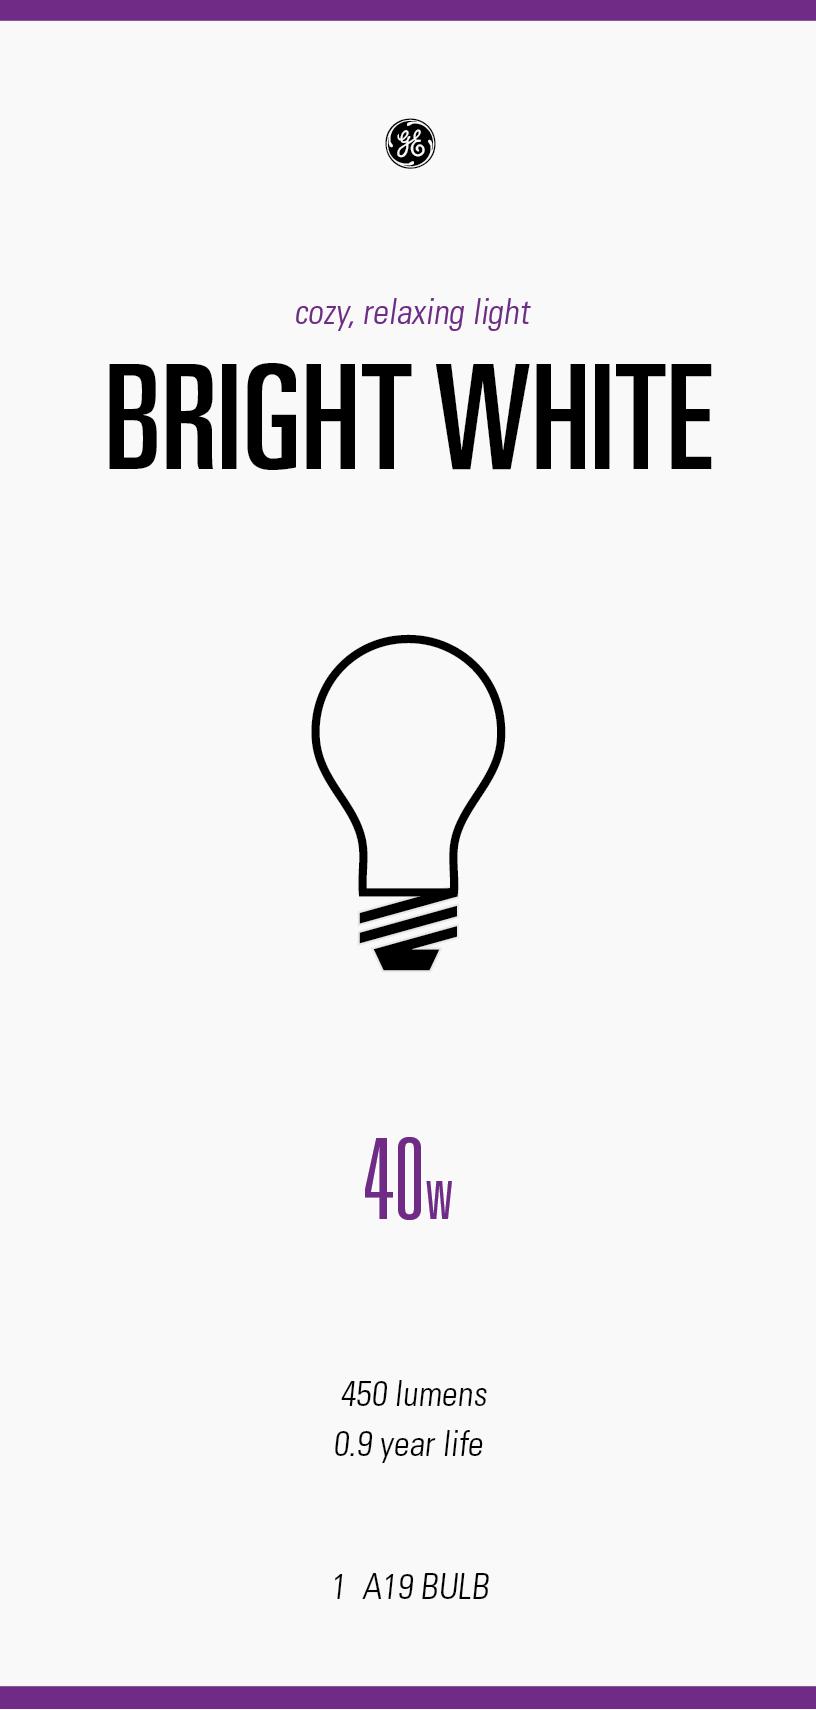 lightbulb redo for website-01.png